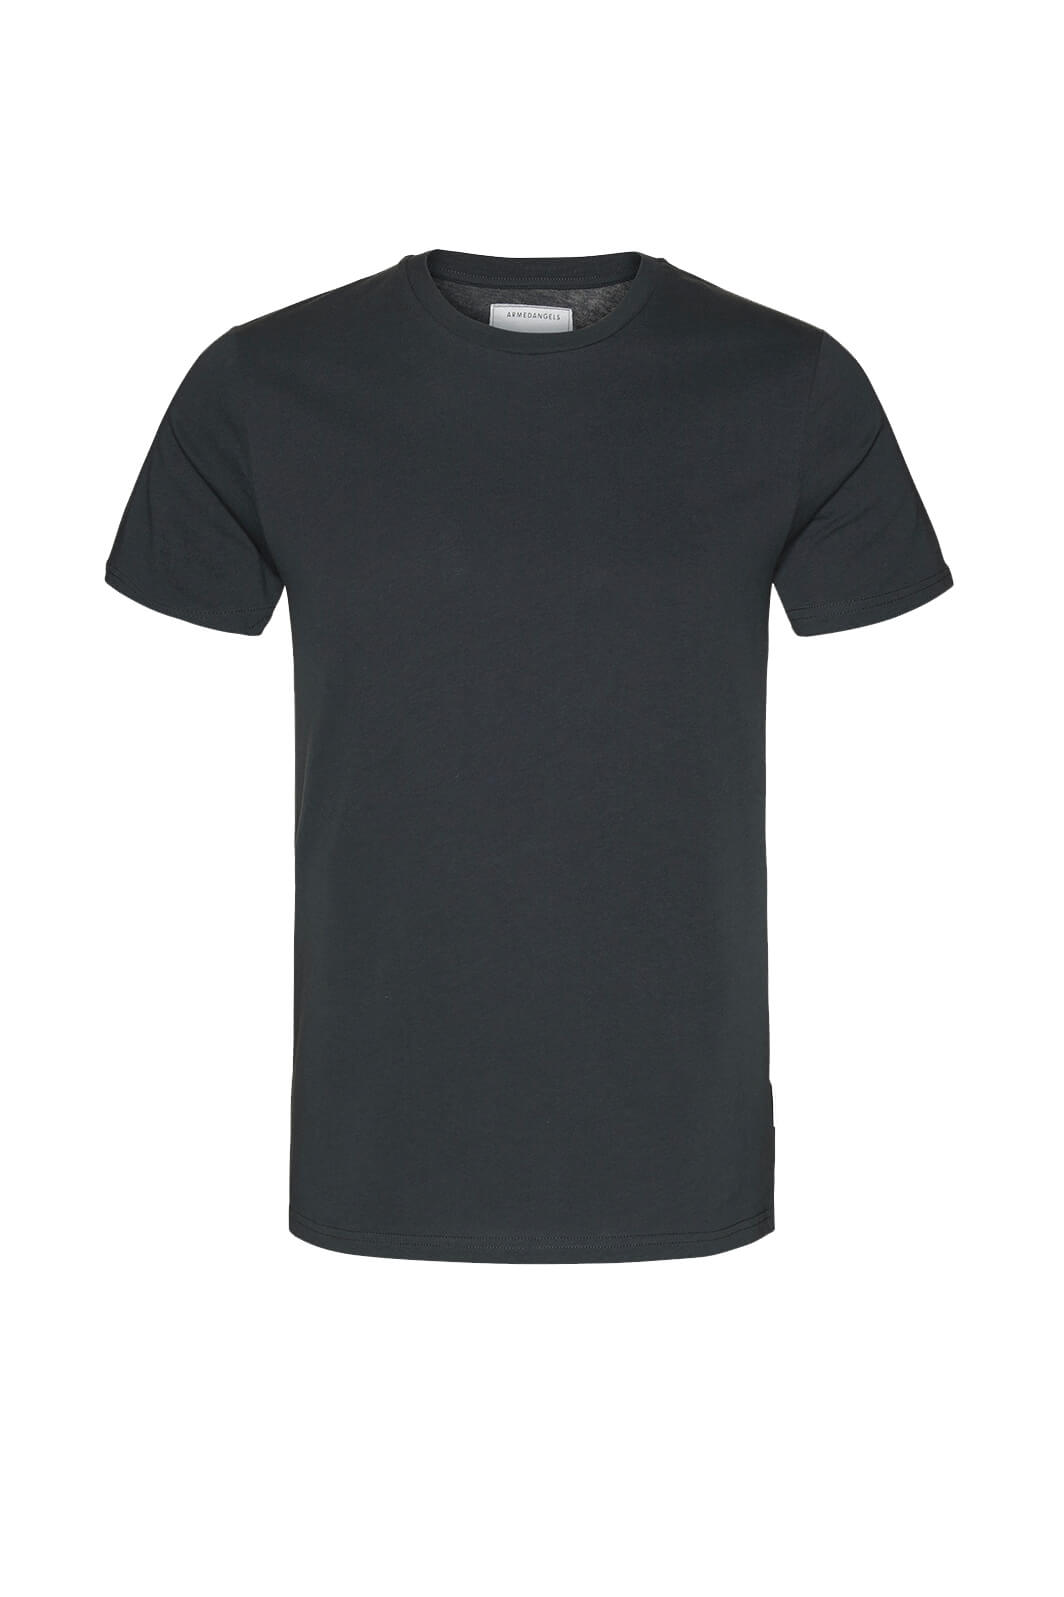 T-Shirt Jaames Acid Schwarz from LOVECO